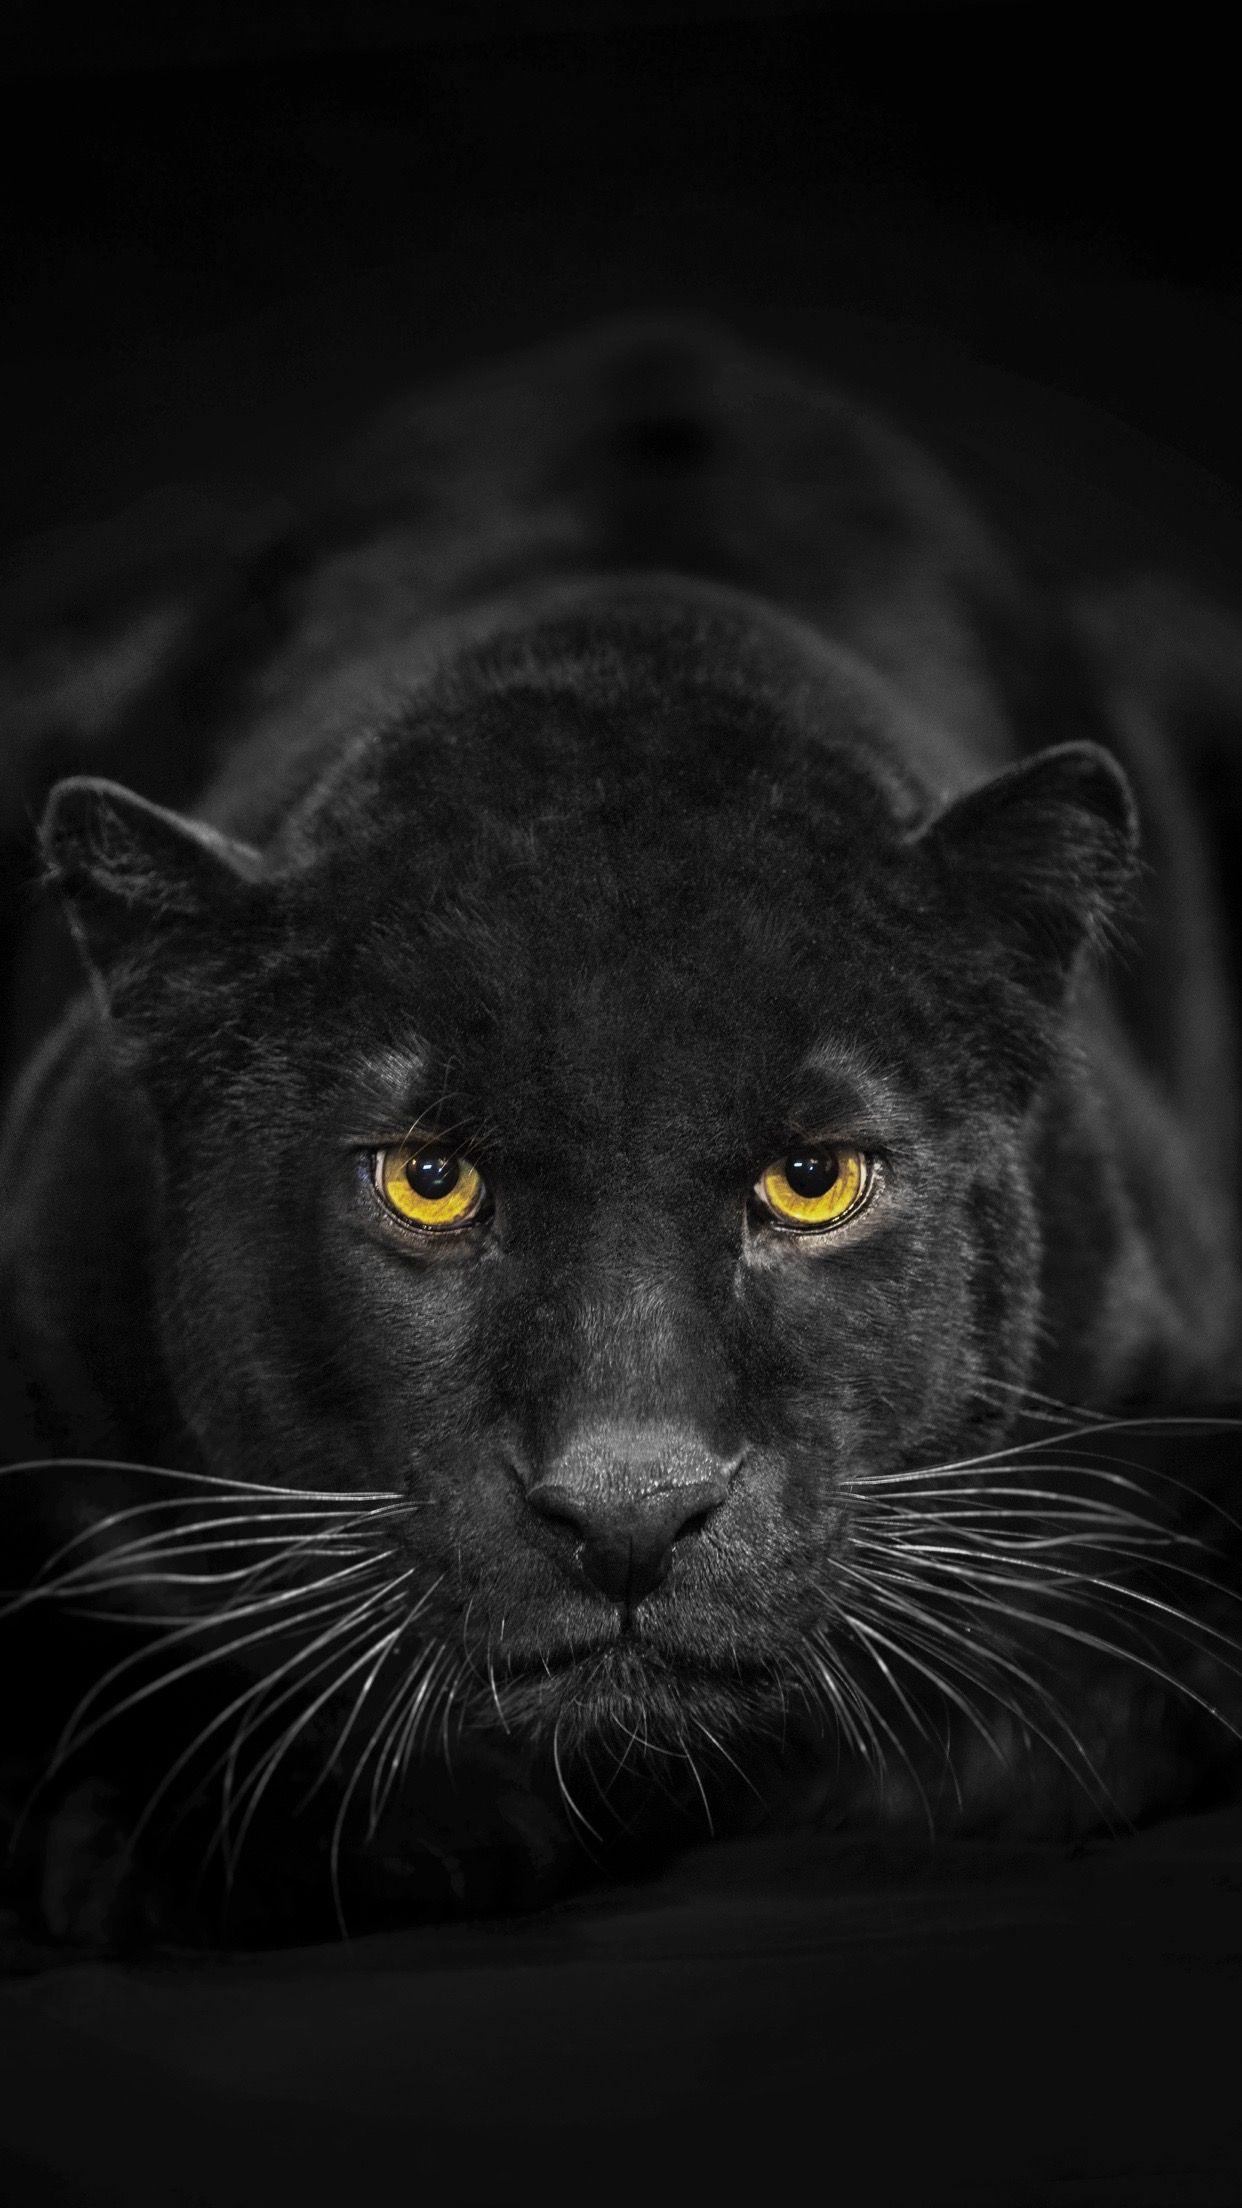 Black Panther Animal Wallpaper 4k Iphone